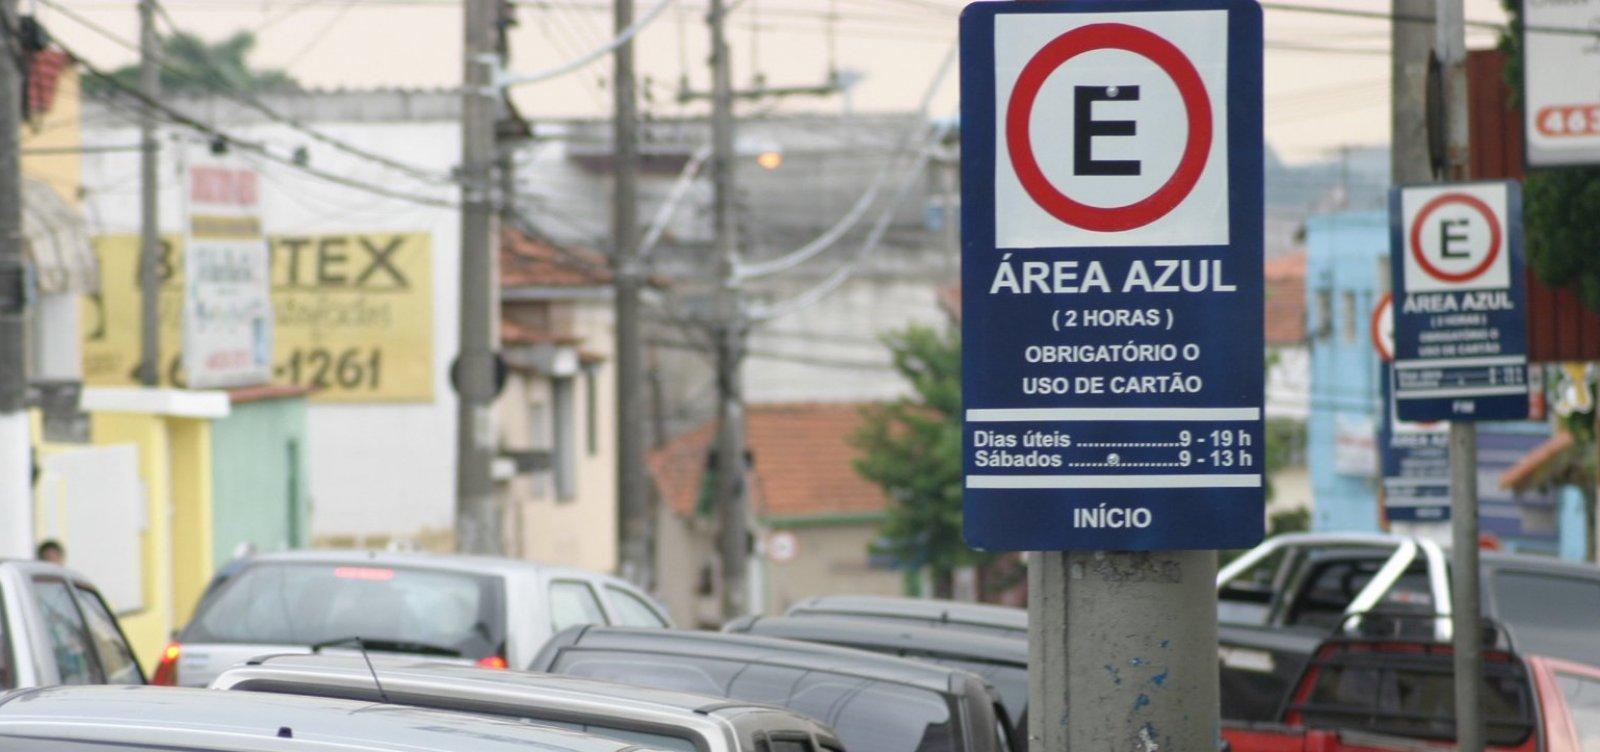 Transalvador demora mais de um mês para analisar irregularidade cometida por empresa